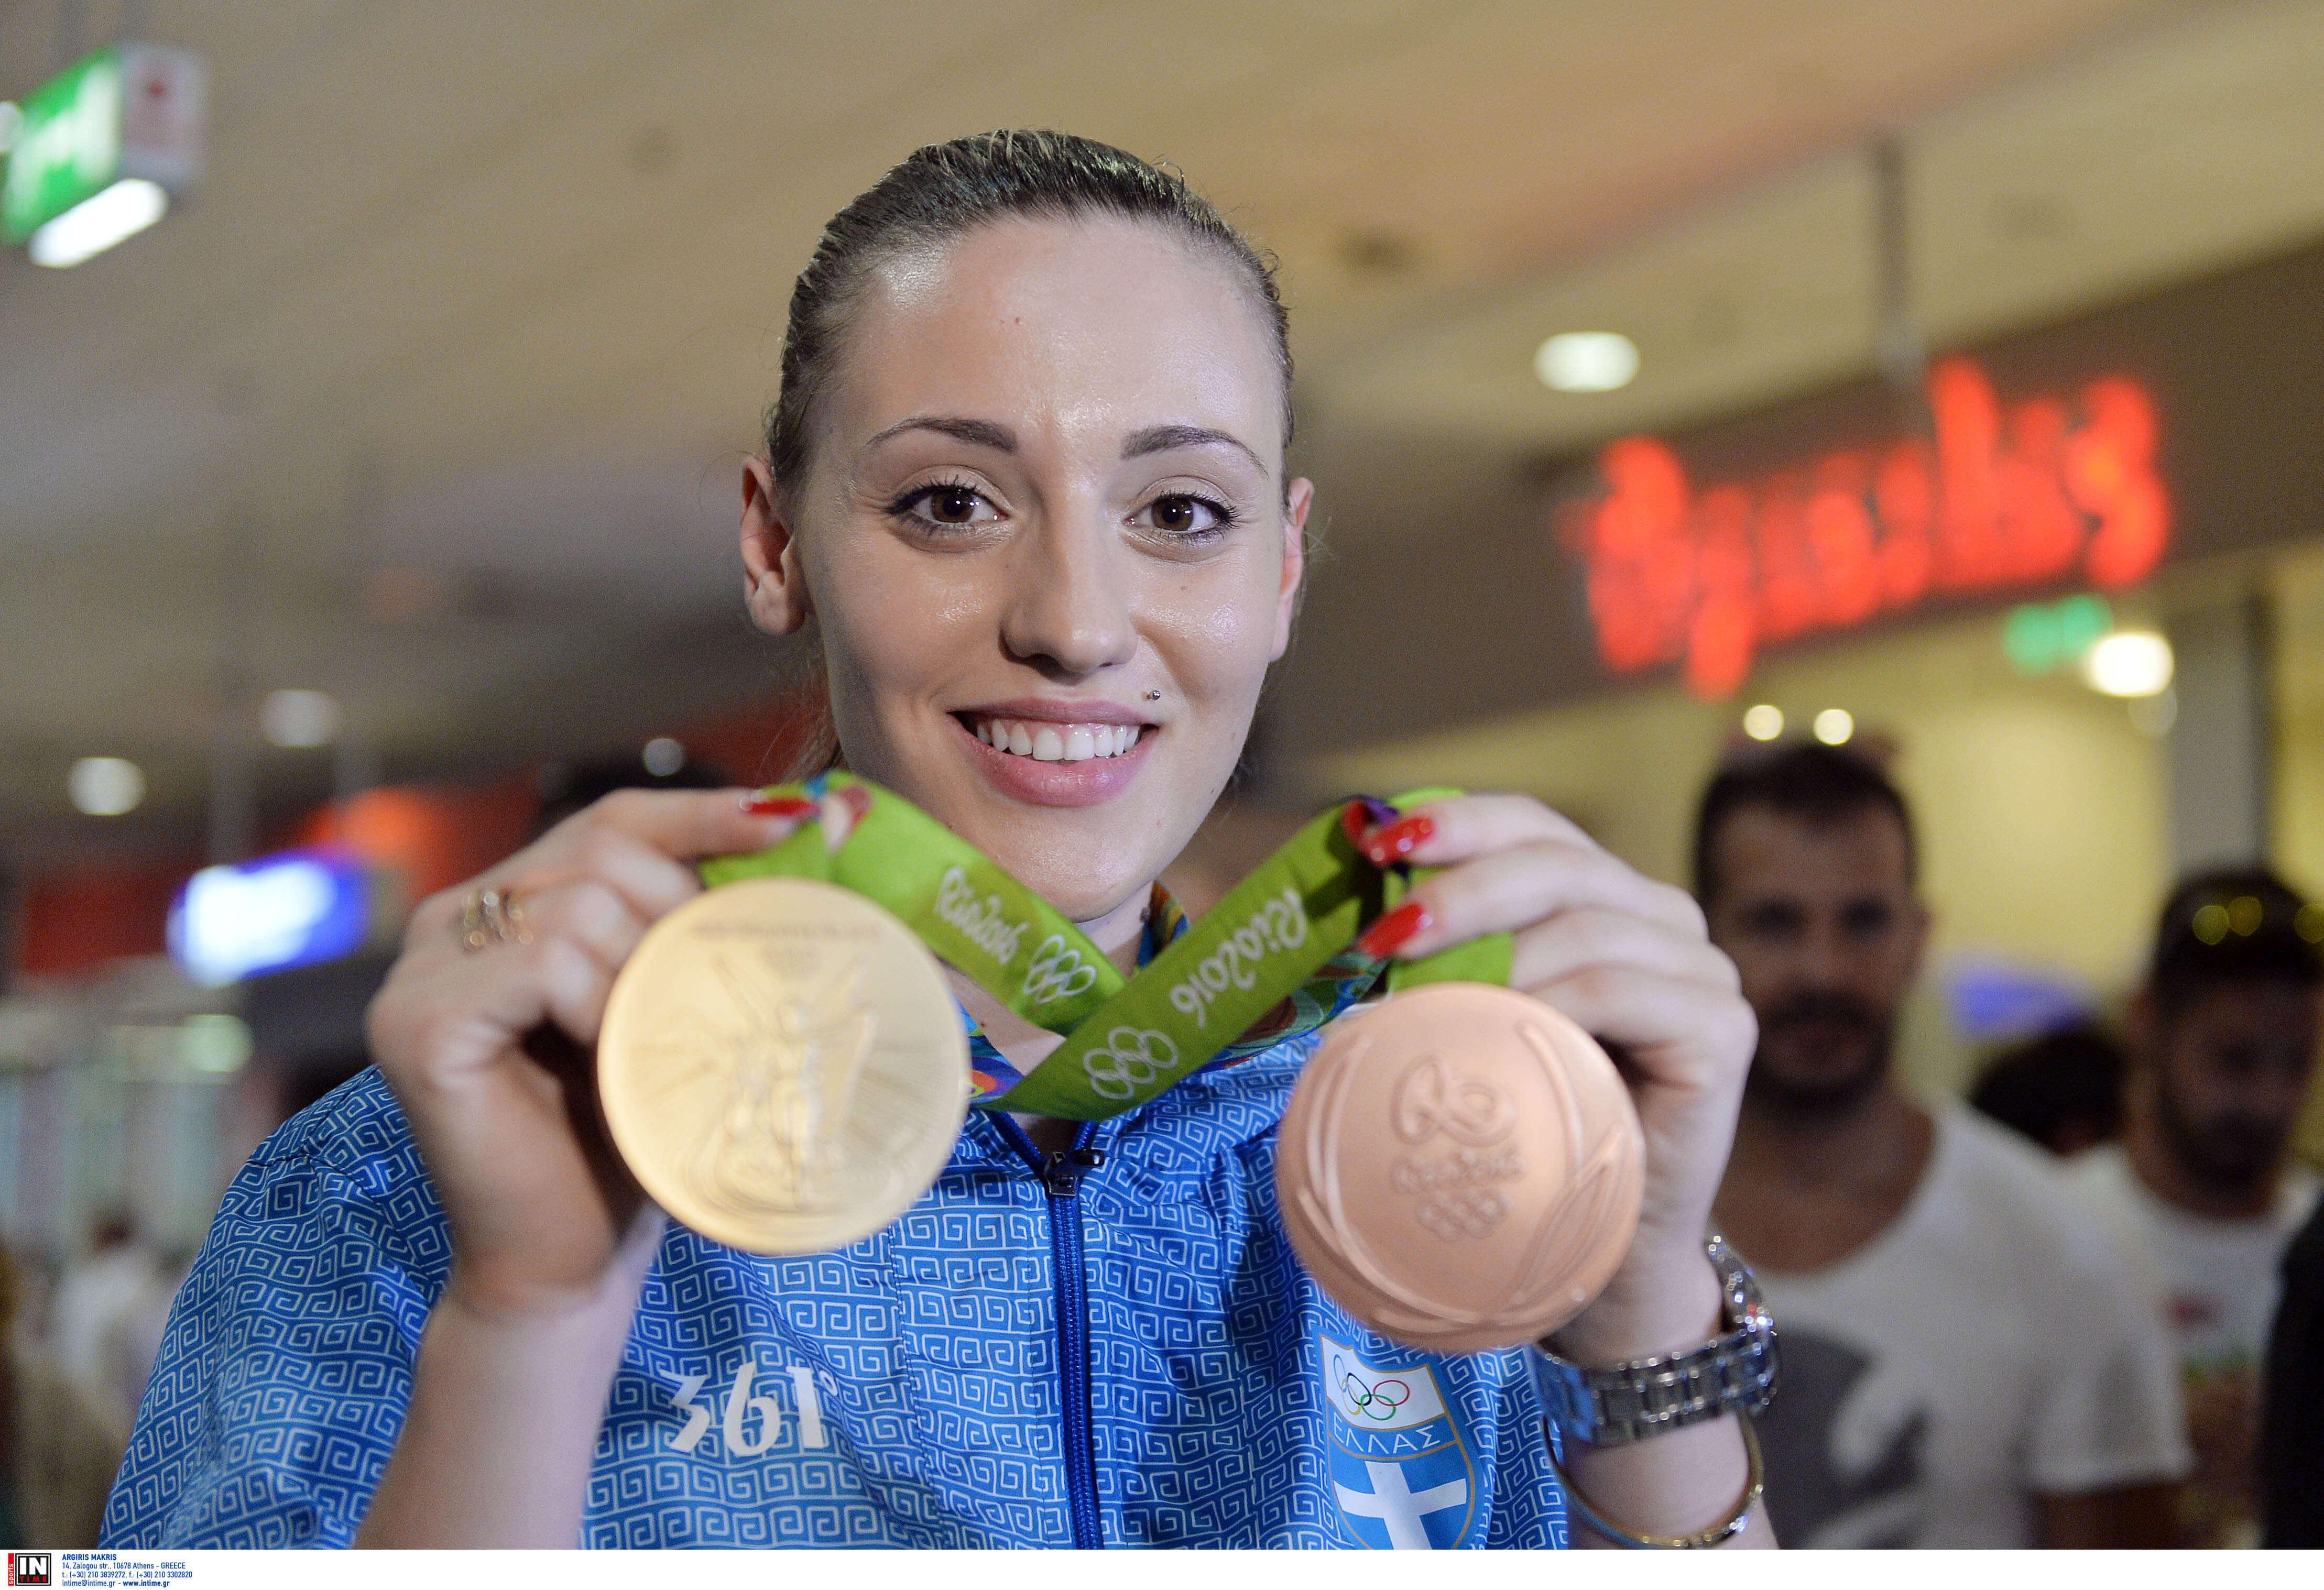 Ολυμπιακοί Αγώνες: Πρώτη λαμπαδηδρόμος η Άννα Κορακάκη!